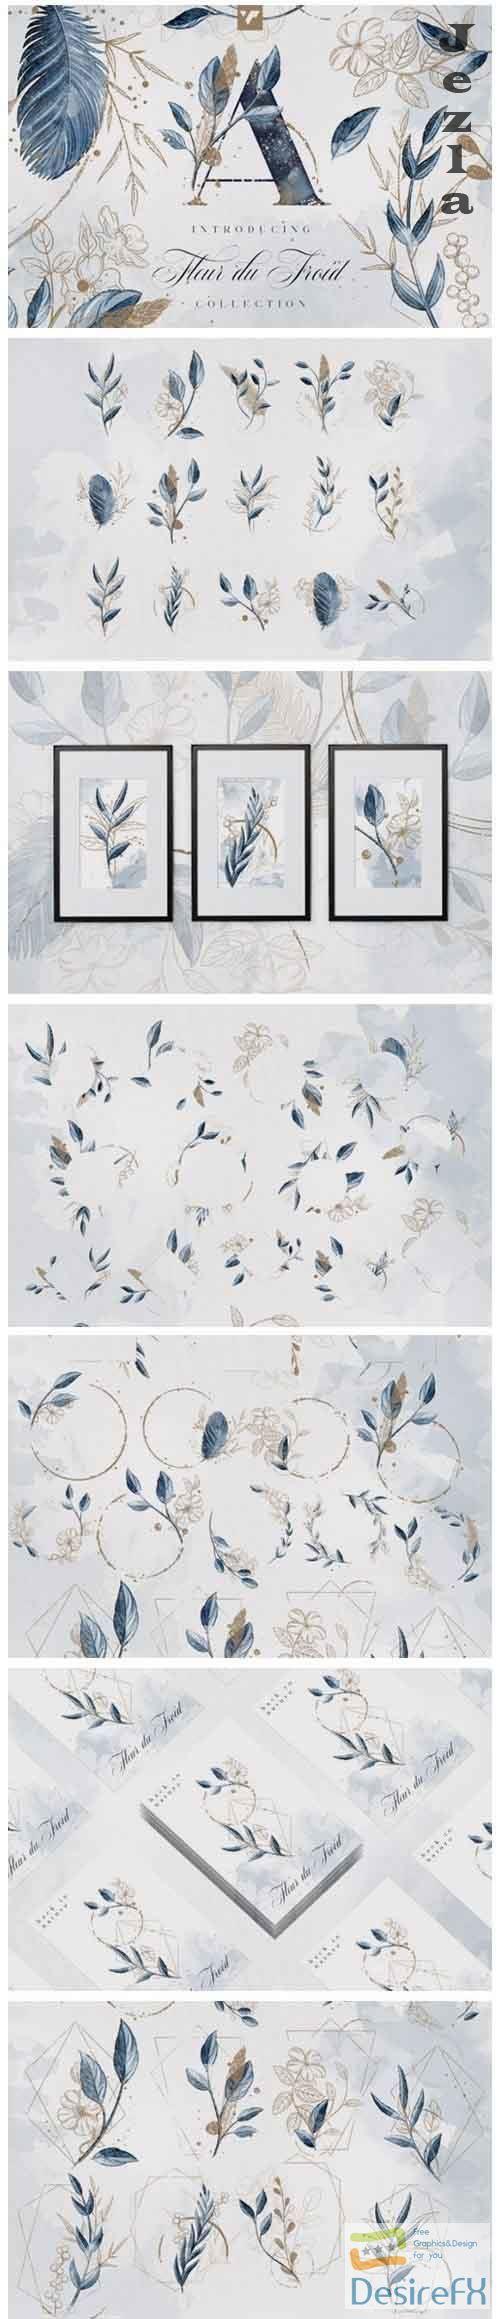 Fleur du Froid Graphic Collection - 5785749